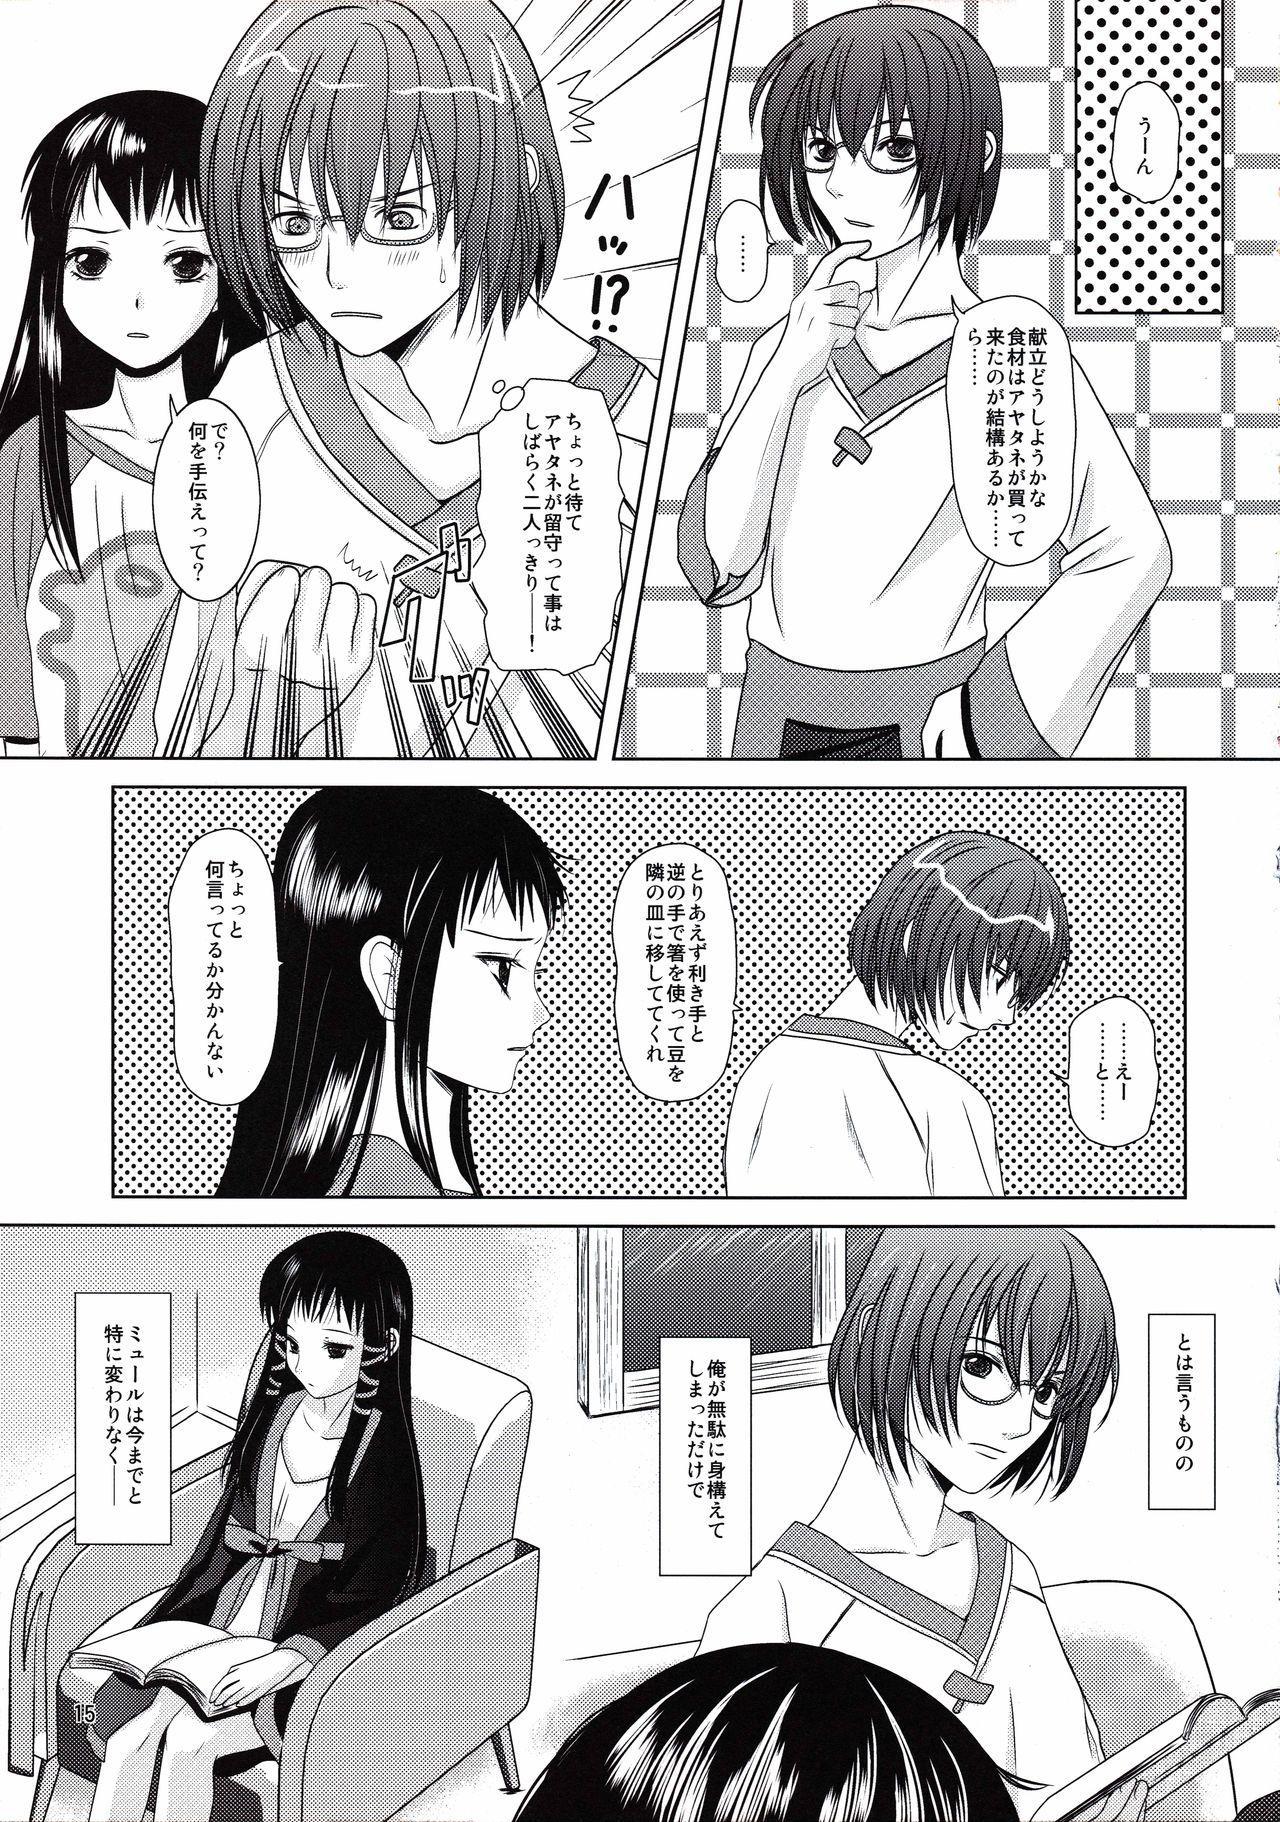 suna no sakazukihai 13